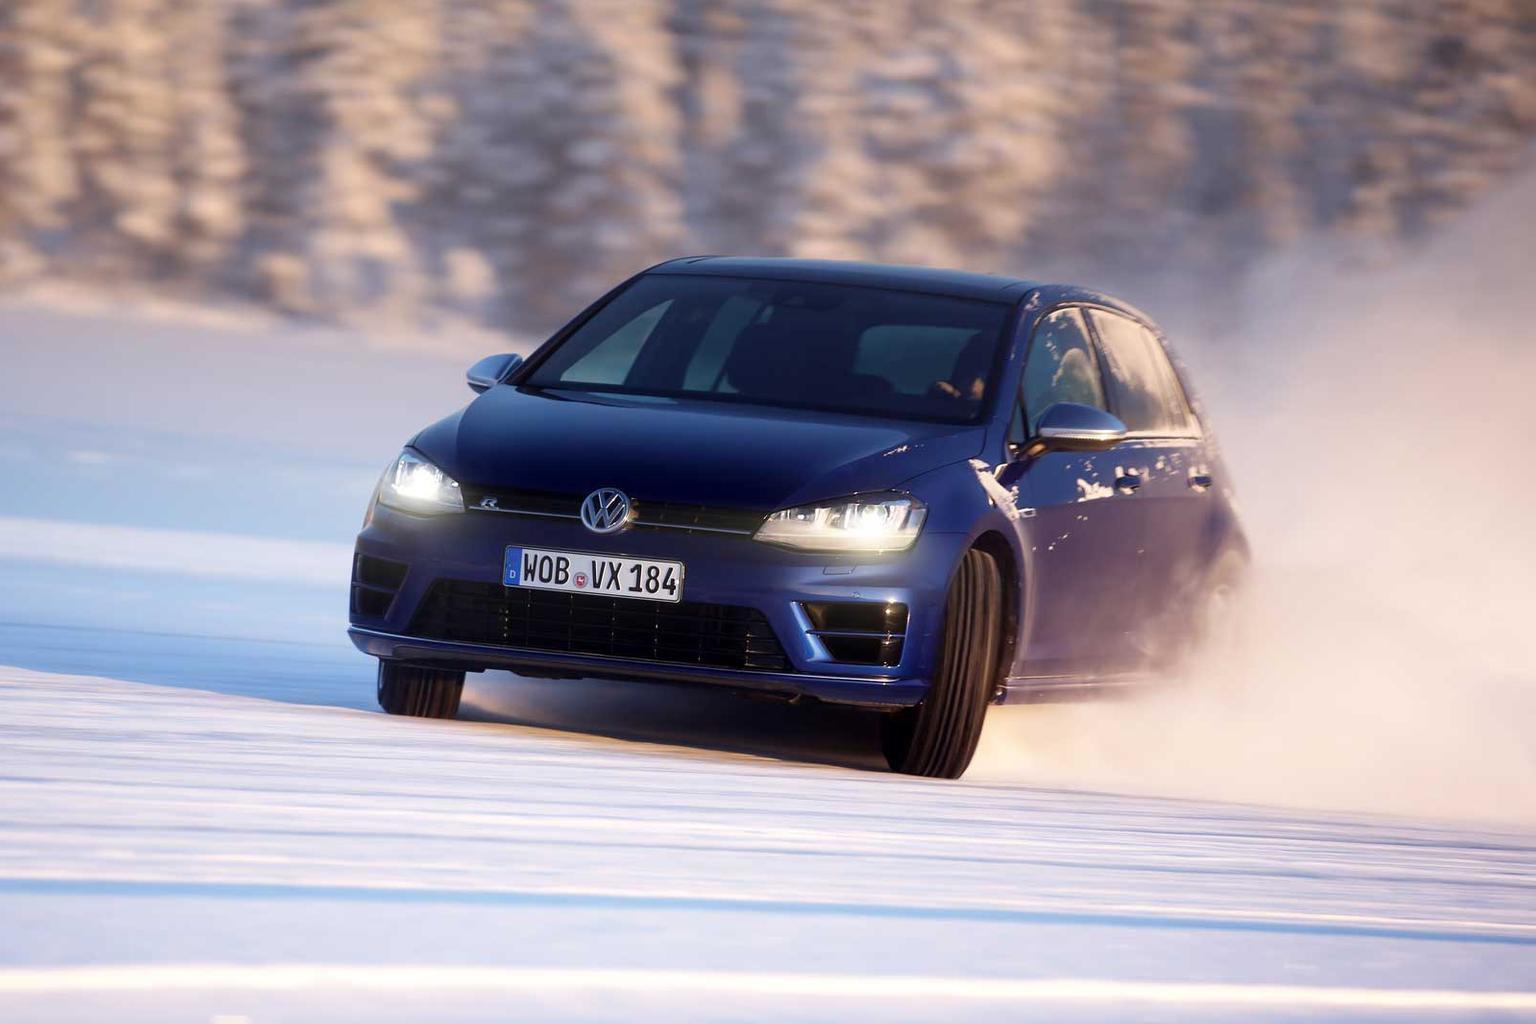 More hot Volkswagen R models planned